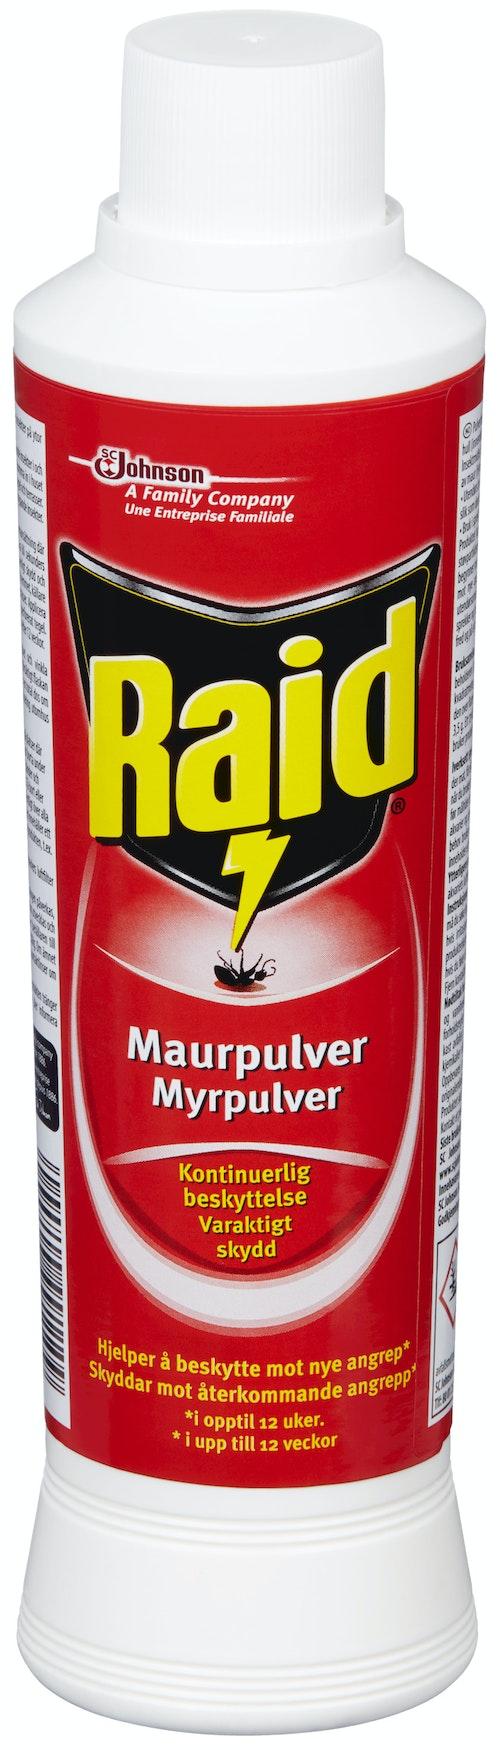 Raid Raid Maurpulver 250 g